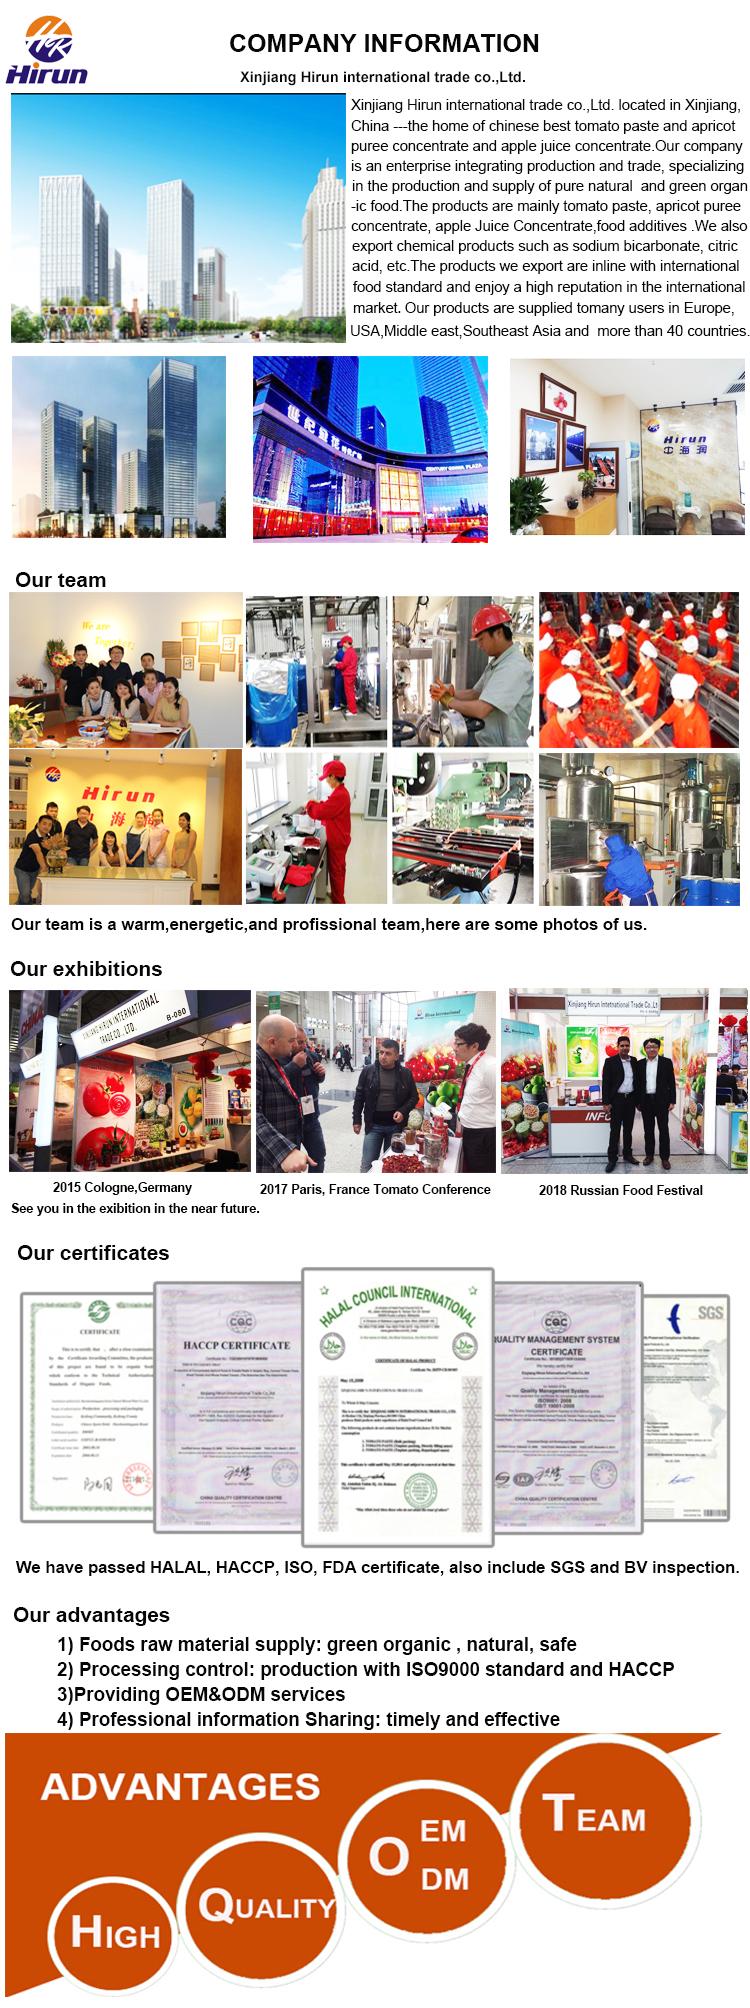 Hohe Qualität Fabrik Preis Getränke Additiv Benzoesäure (c7h6o2) Körnige Konservierungsstoffe Ar 99.9% Min Lebensmittelqualität Für Weiche getränke